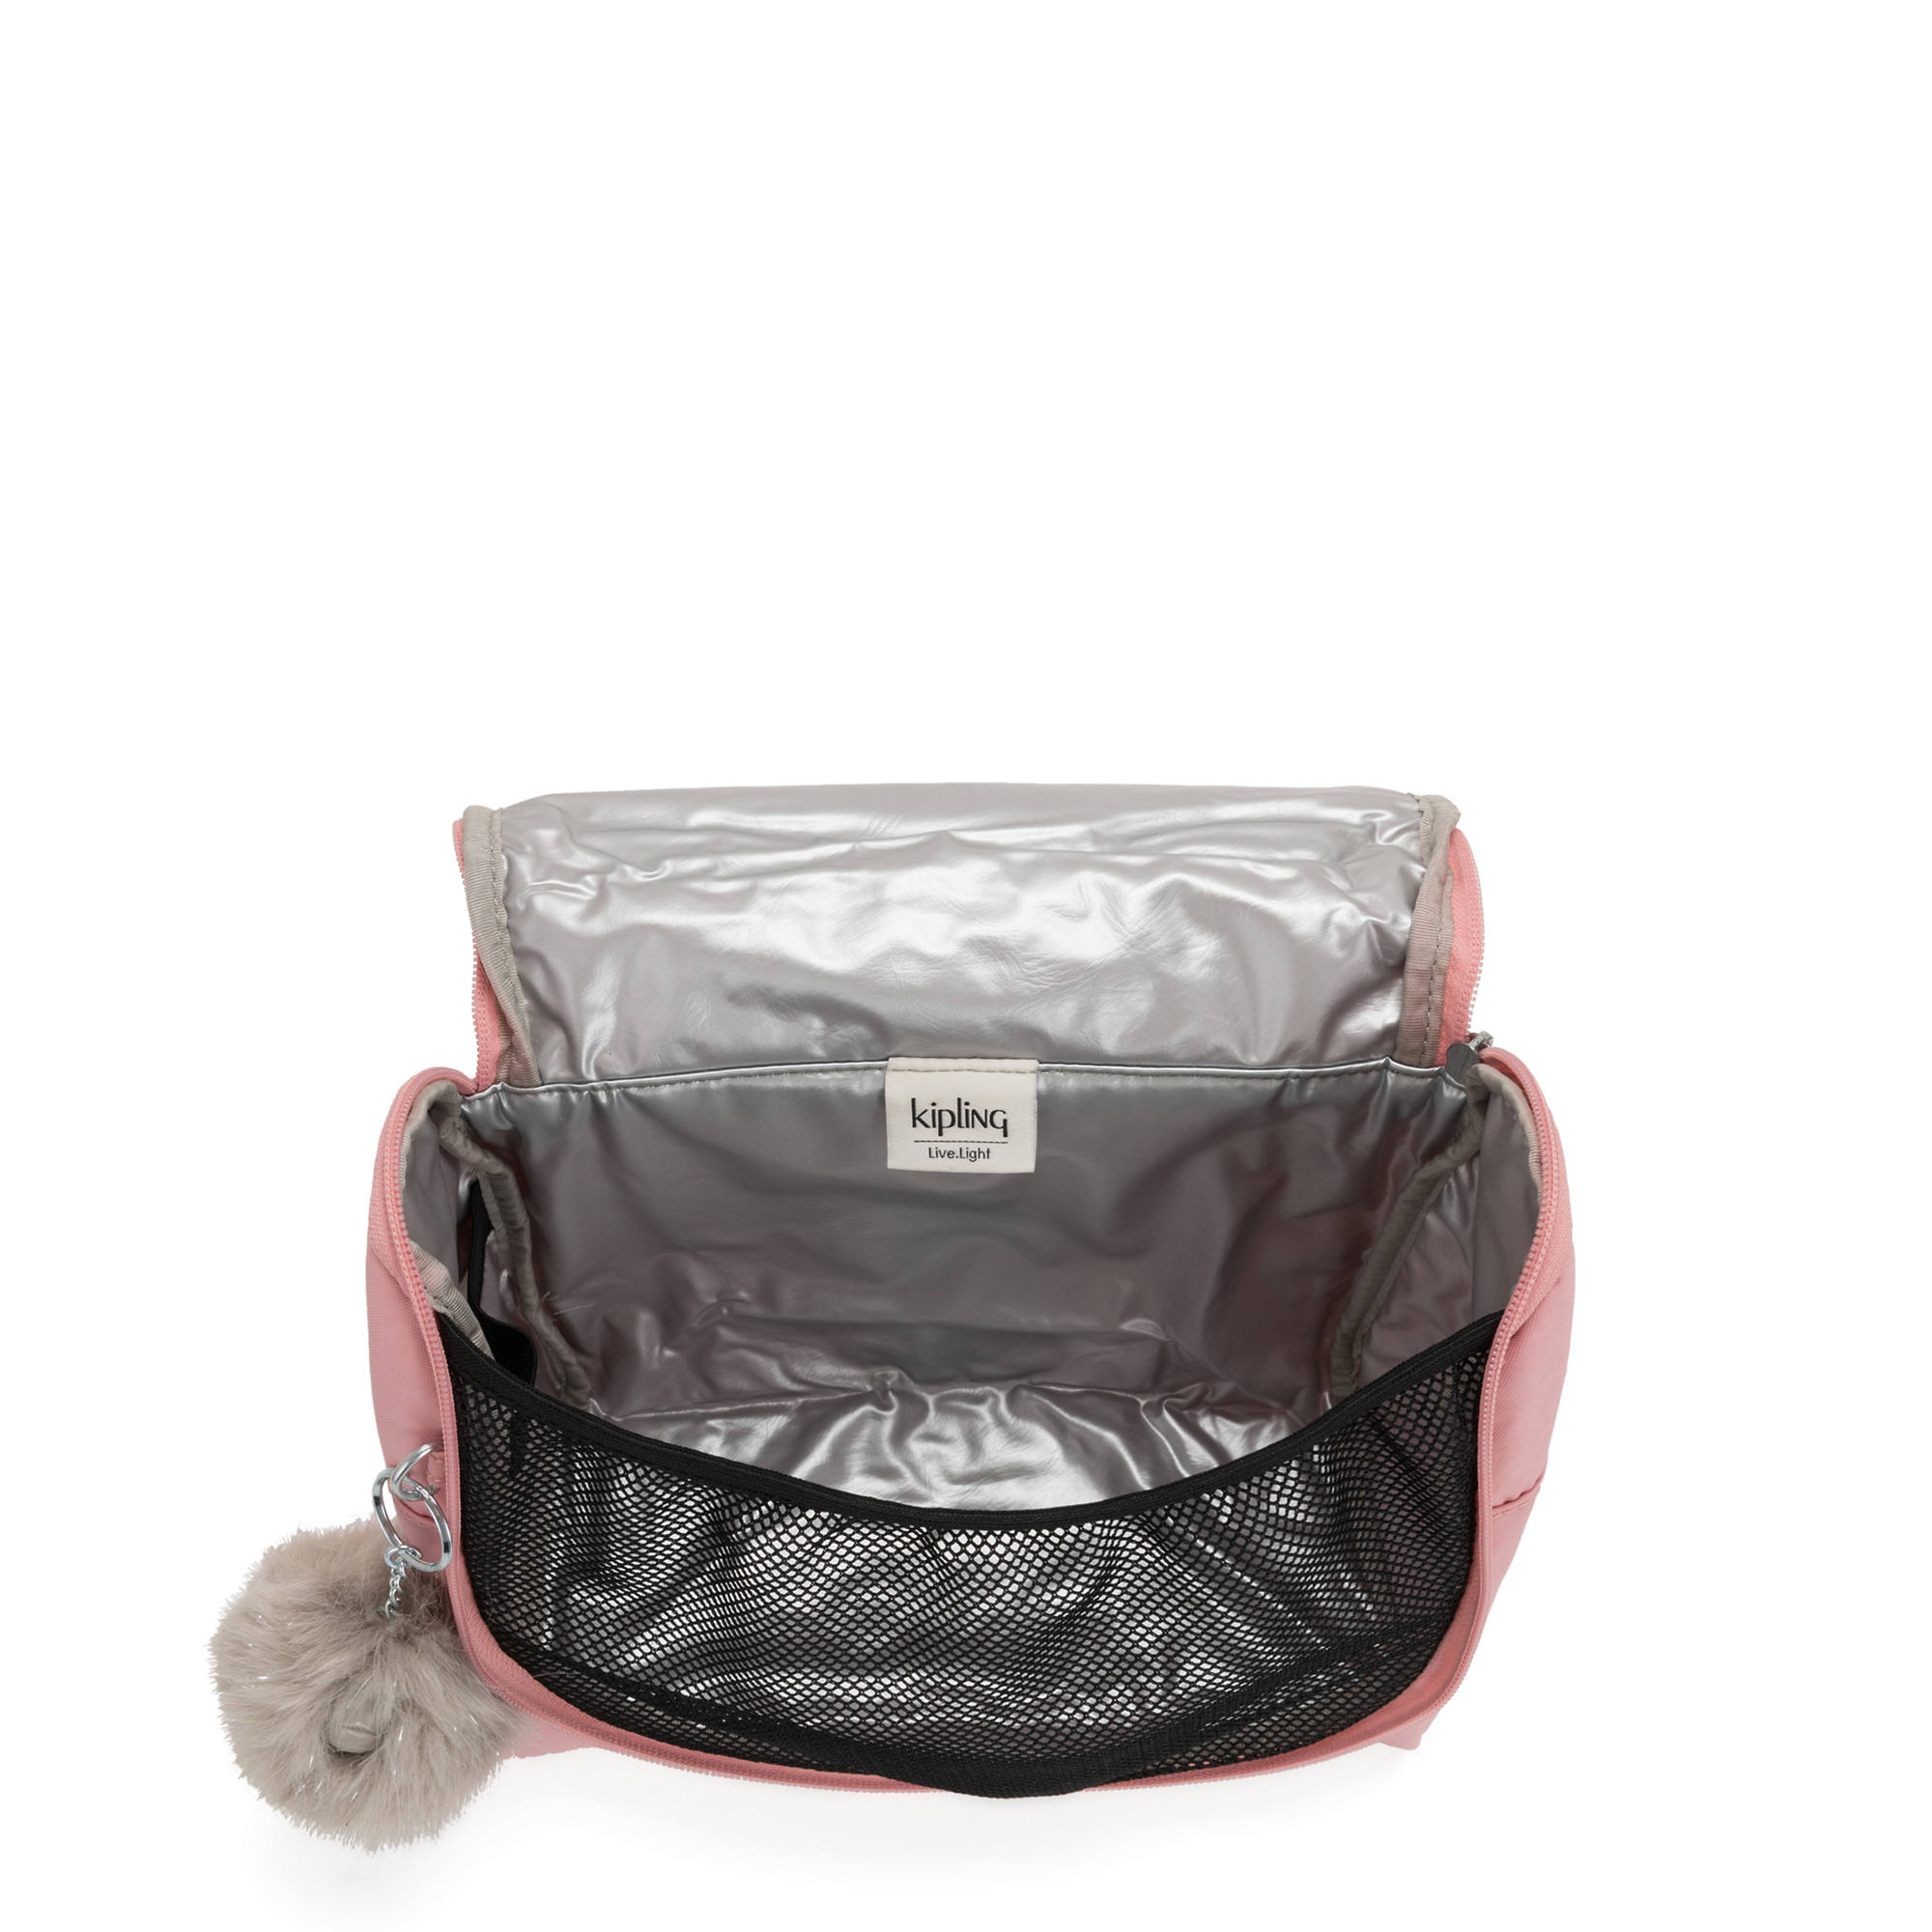 0faed143f094 Kichirou Lunch Bag